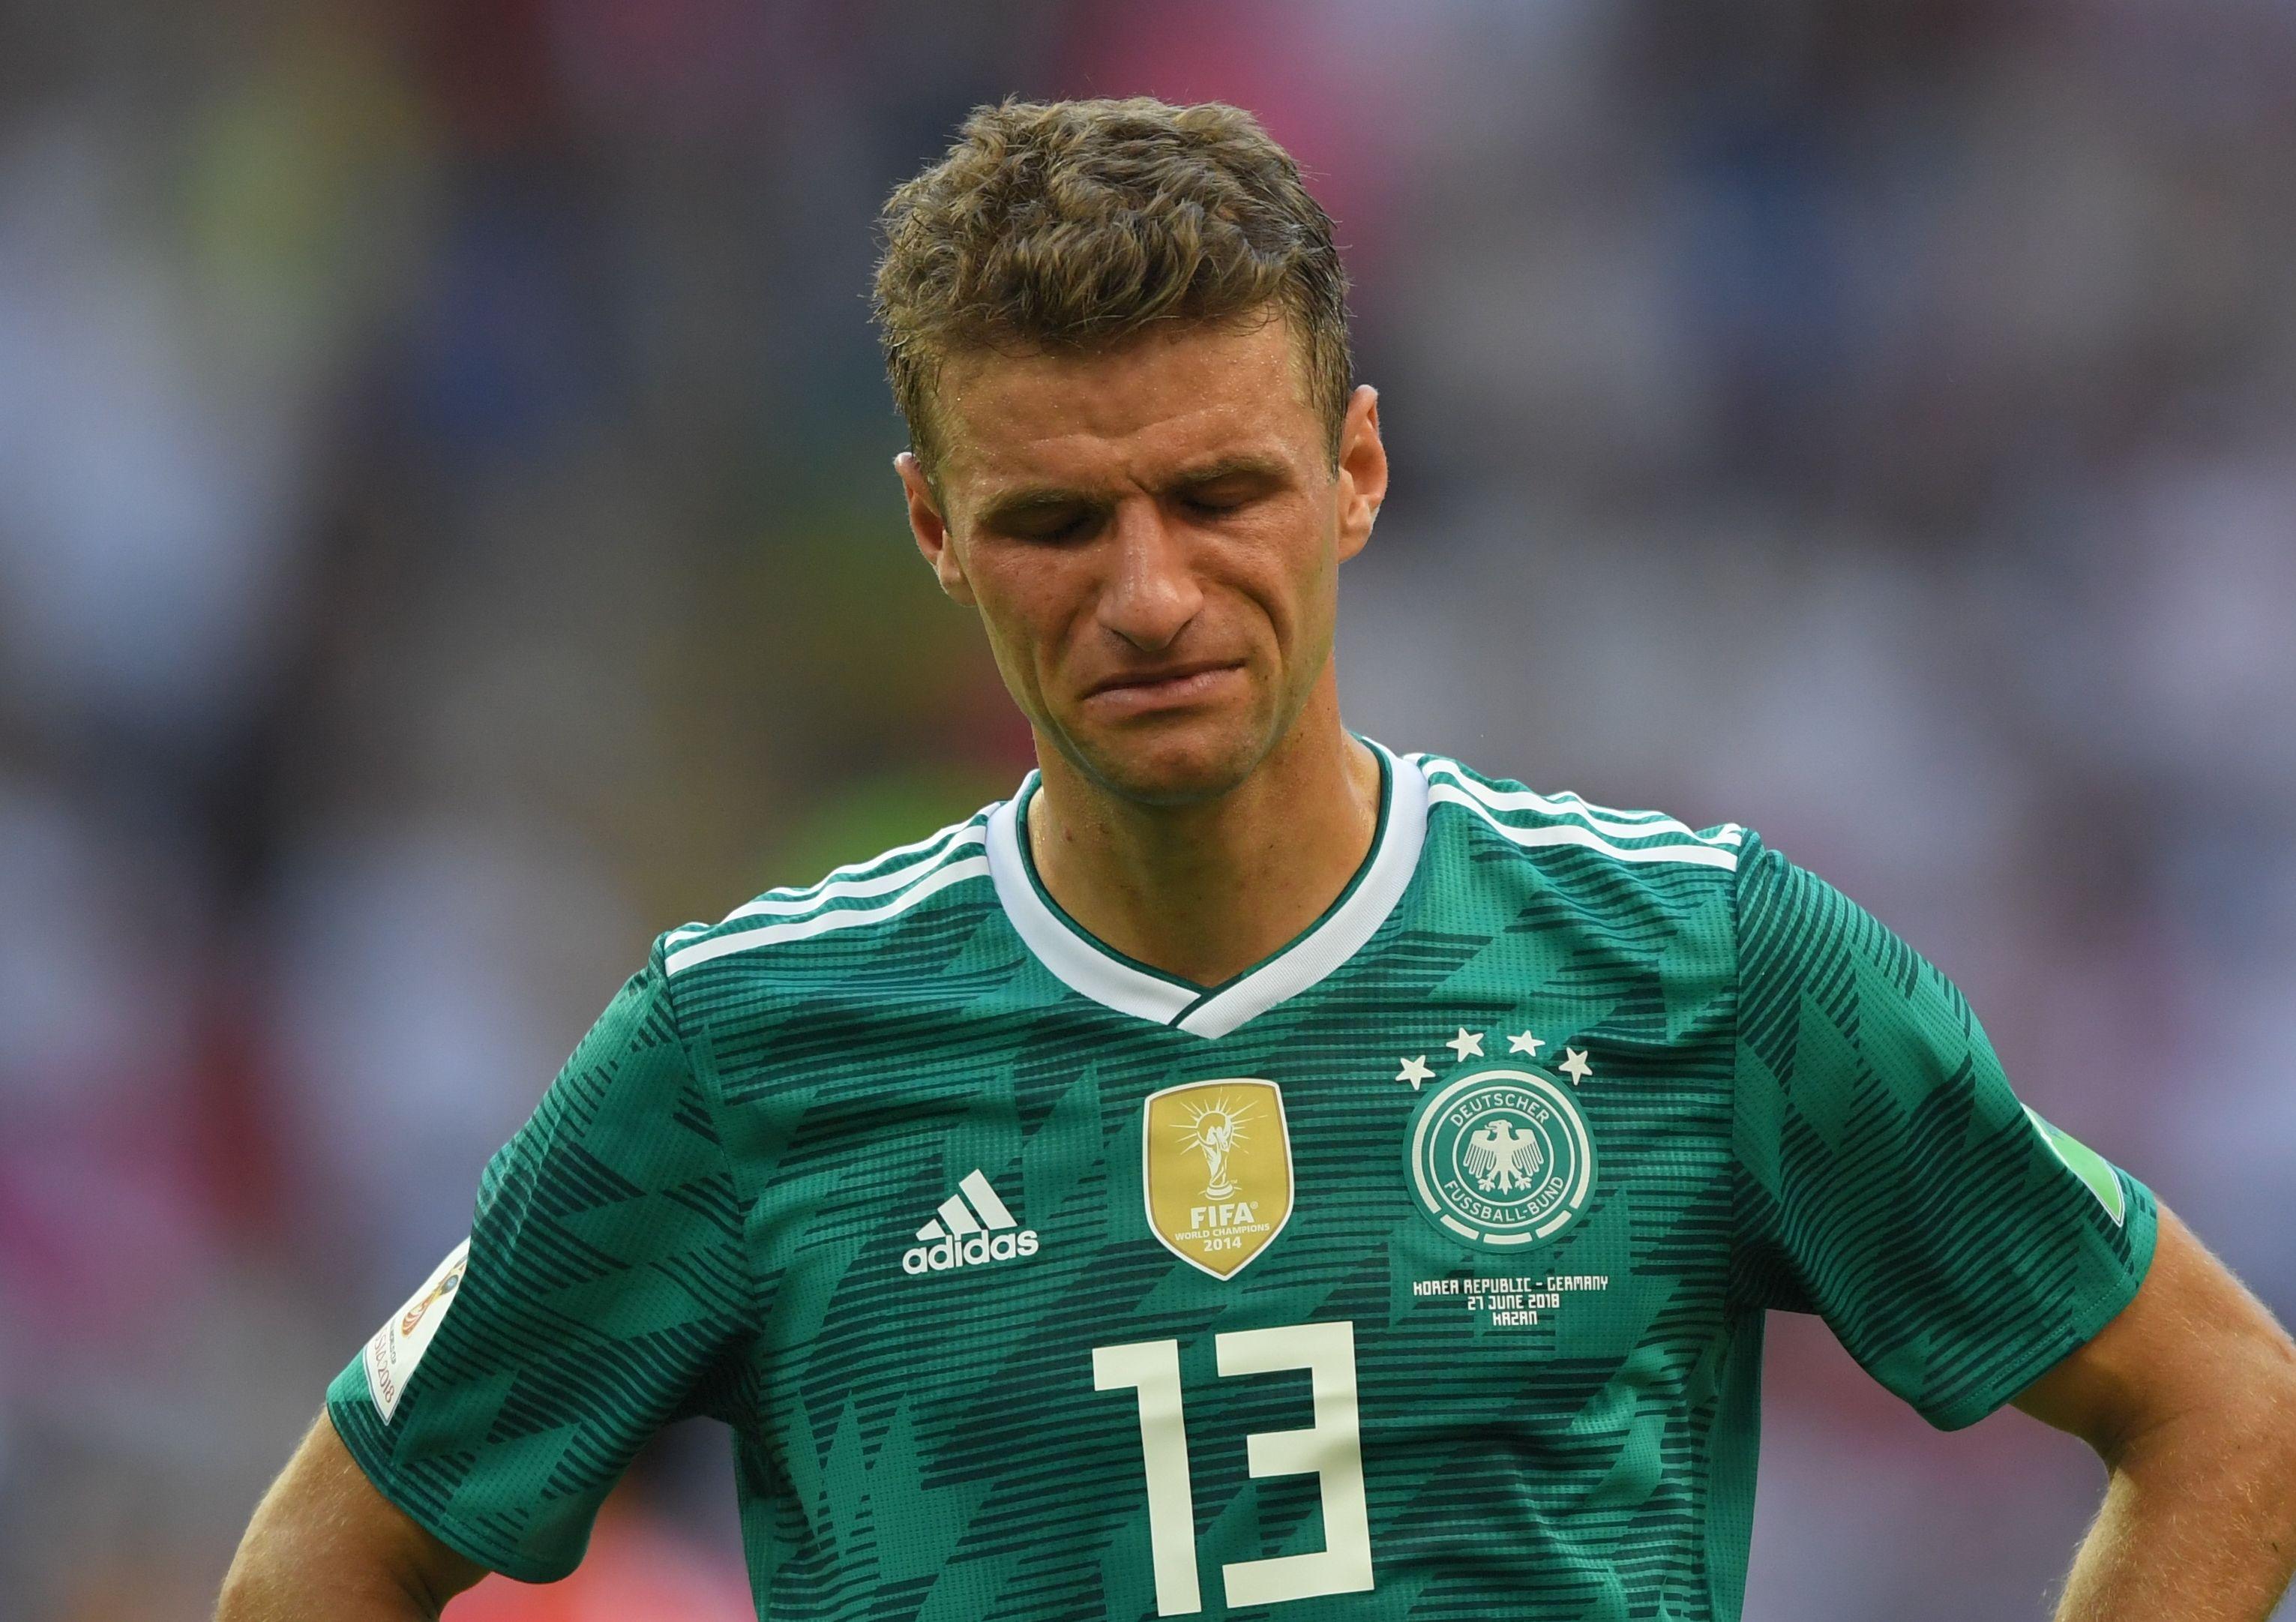 Germanul Thomas Müller nu și-a putut ascunde dezamăgirea pentru eliminarea prematură de la Cupa Mondială